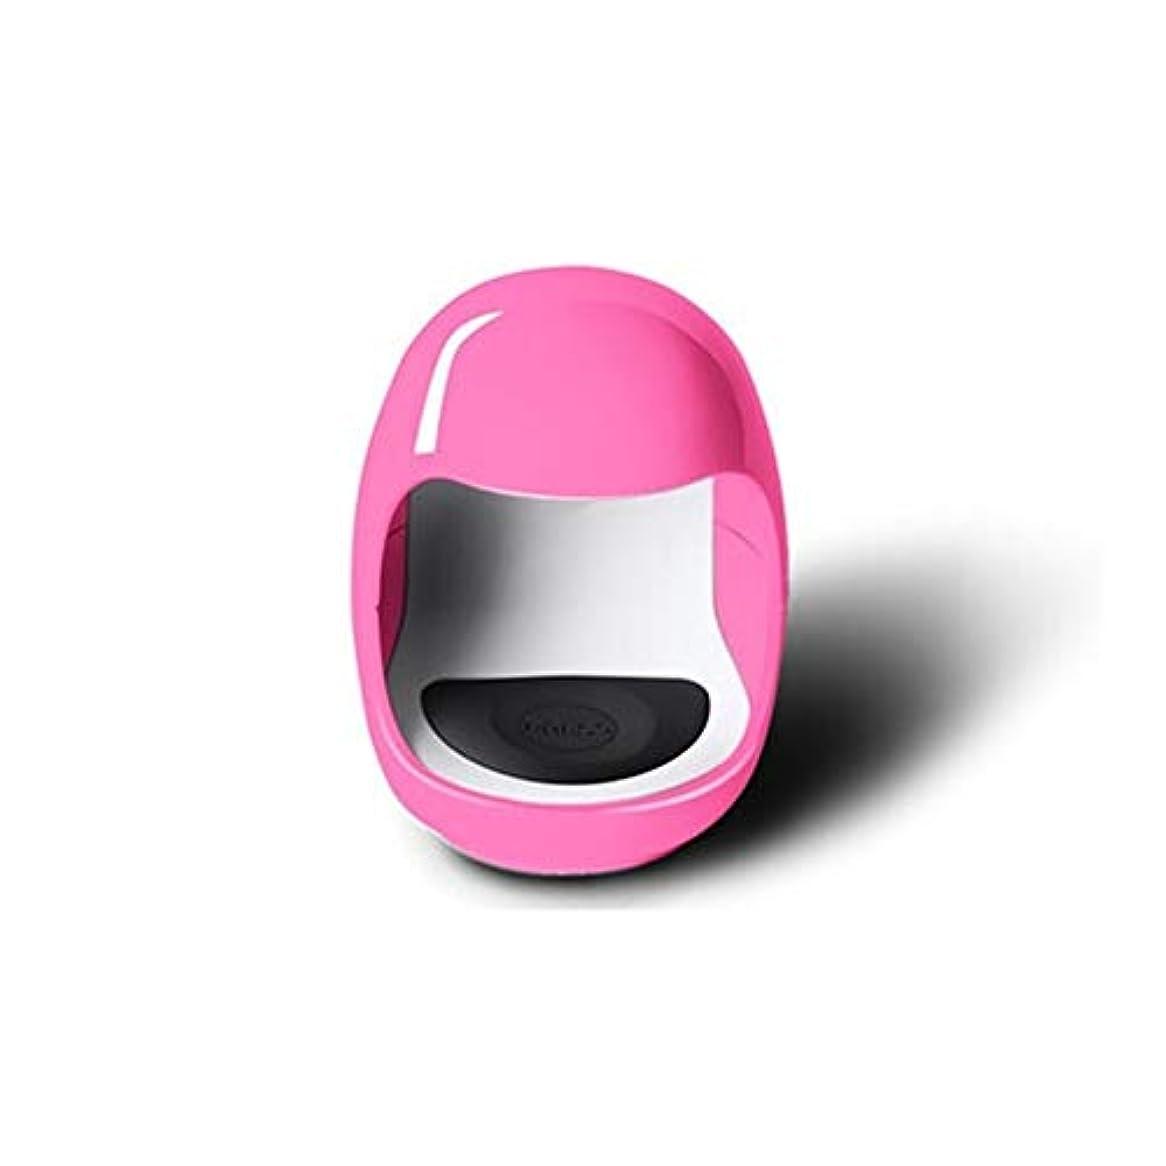 しばしば考えた辞任LittleCat ネイル光線療法のミニUSB太陽灯ライトセラピーランプLEDランプ速乾性ネイルポリッシュベーキングゴム (色 : Pink without data cable)